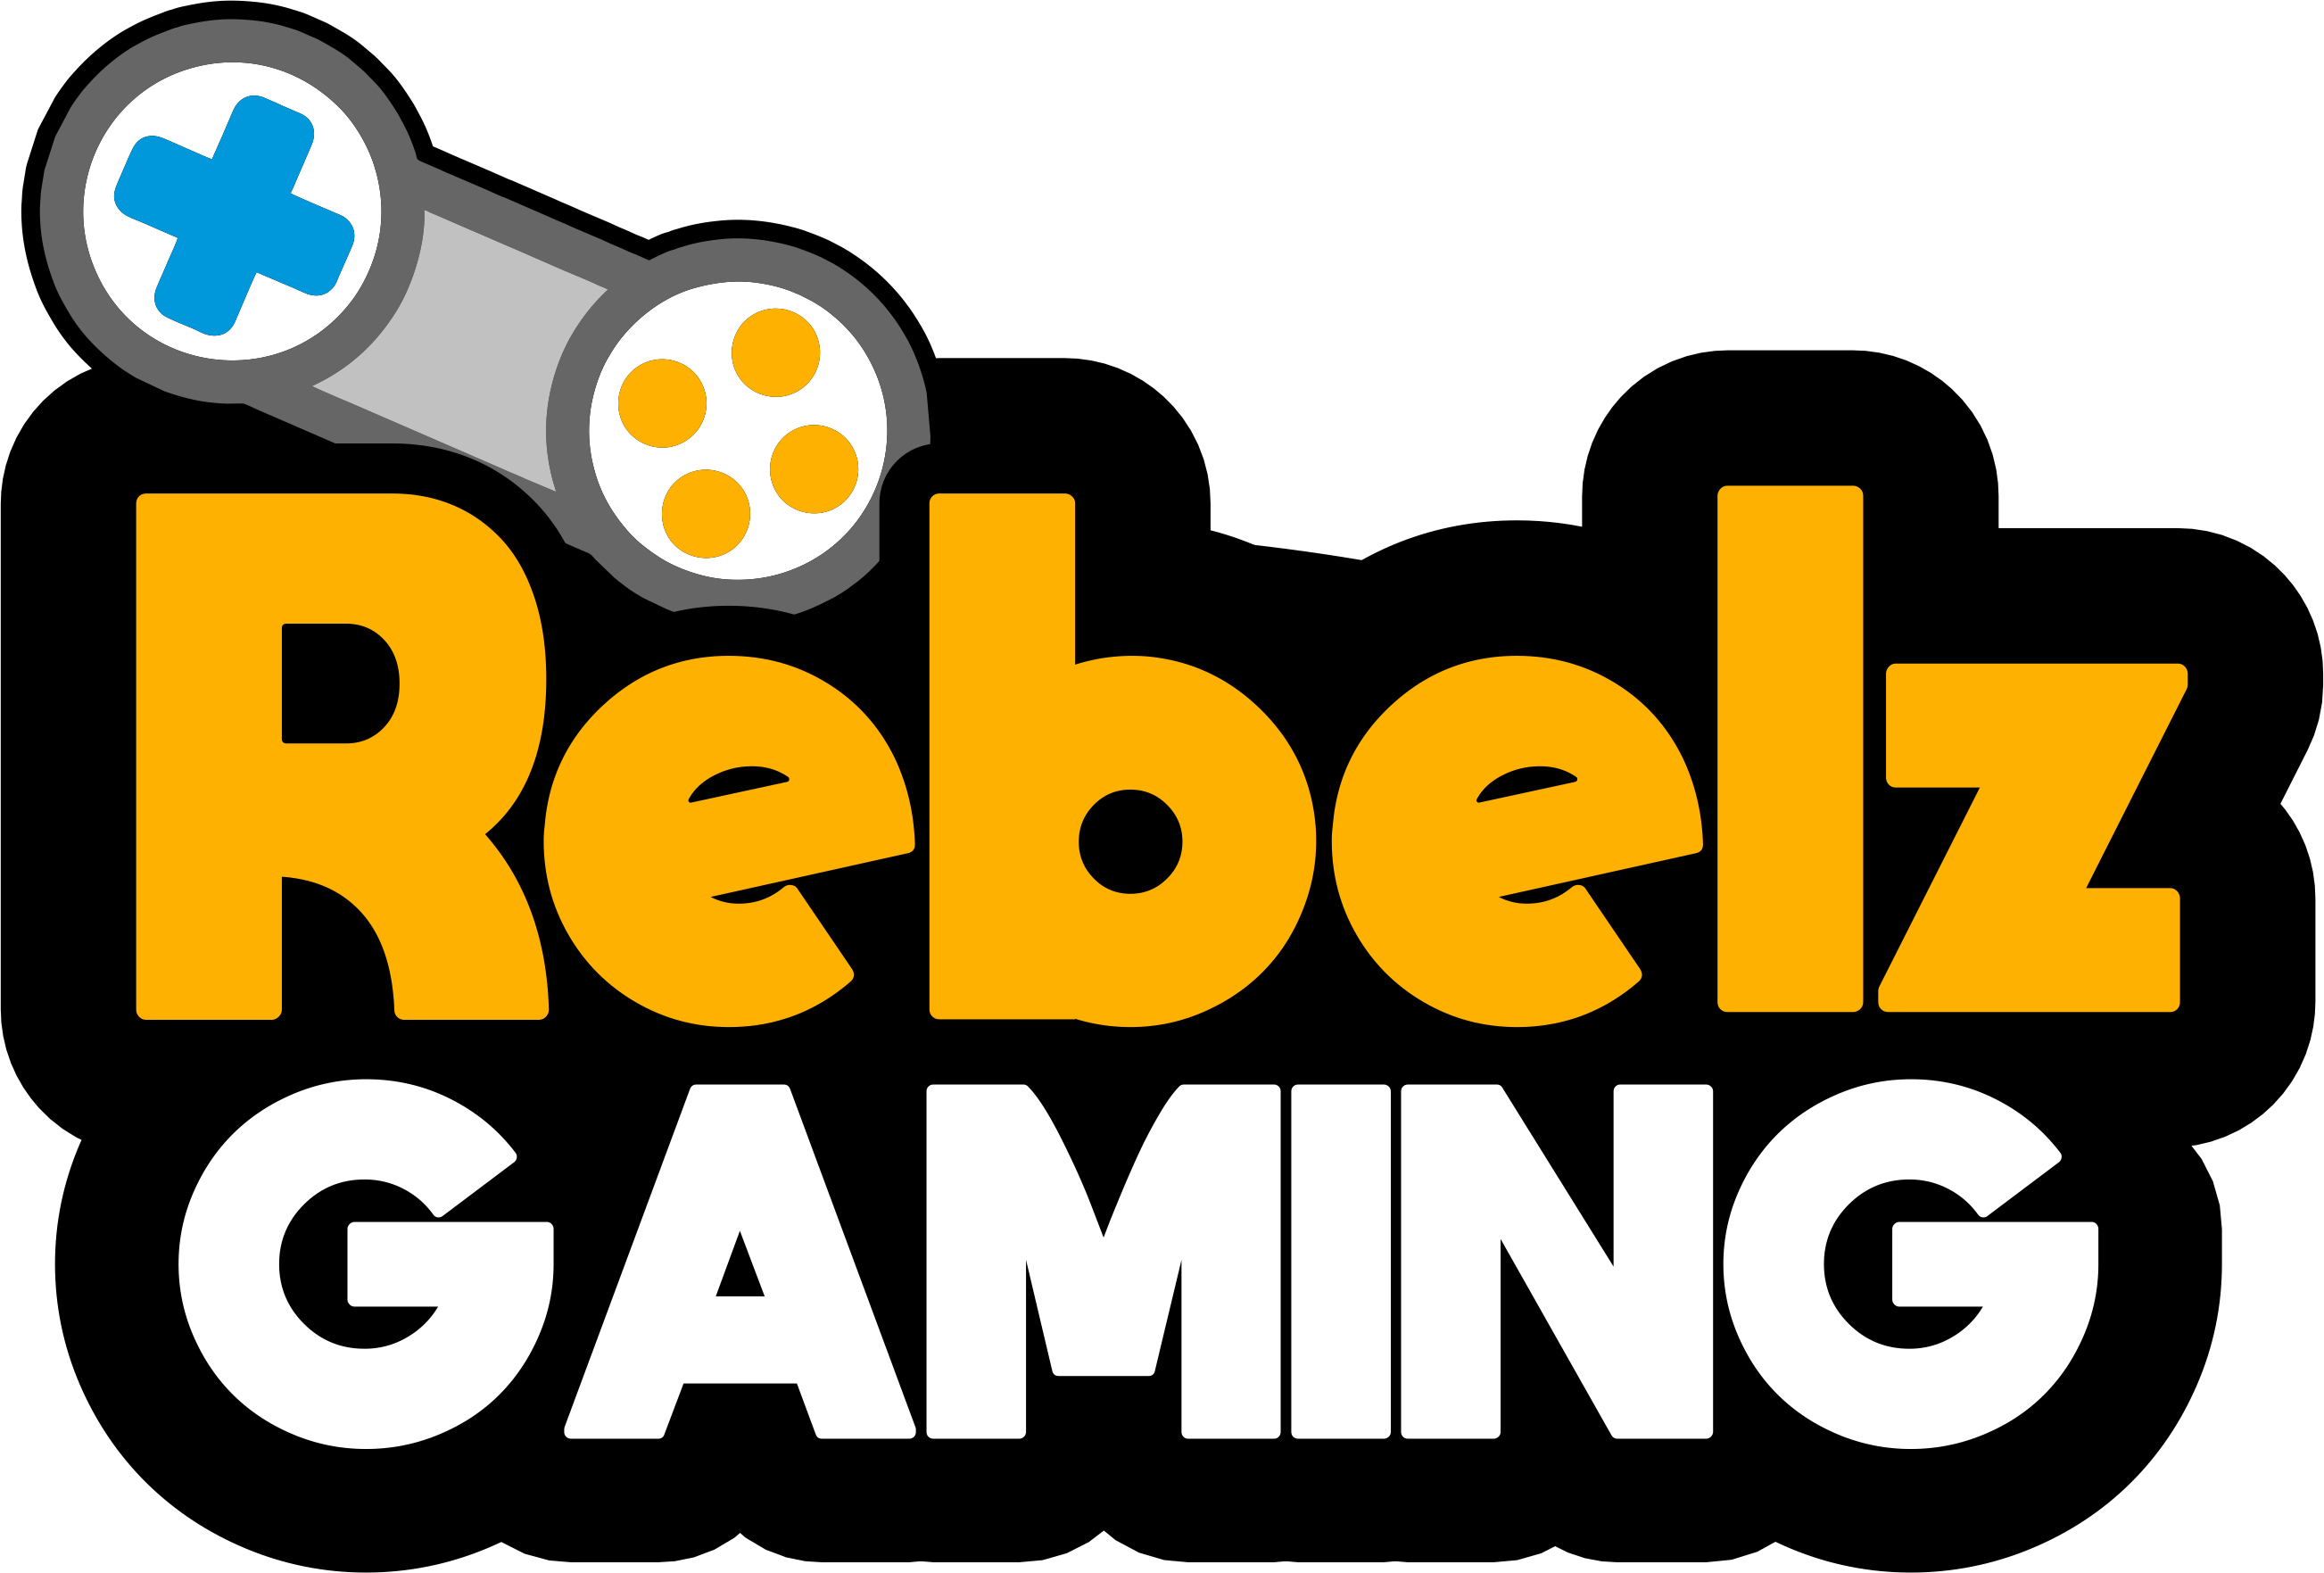 Rebelz Gaming